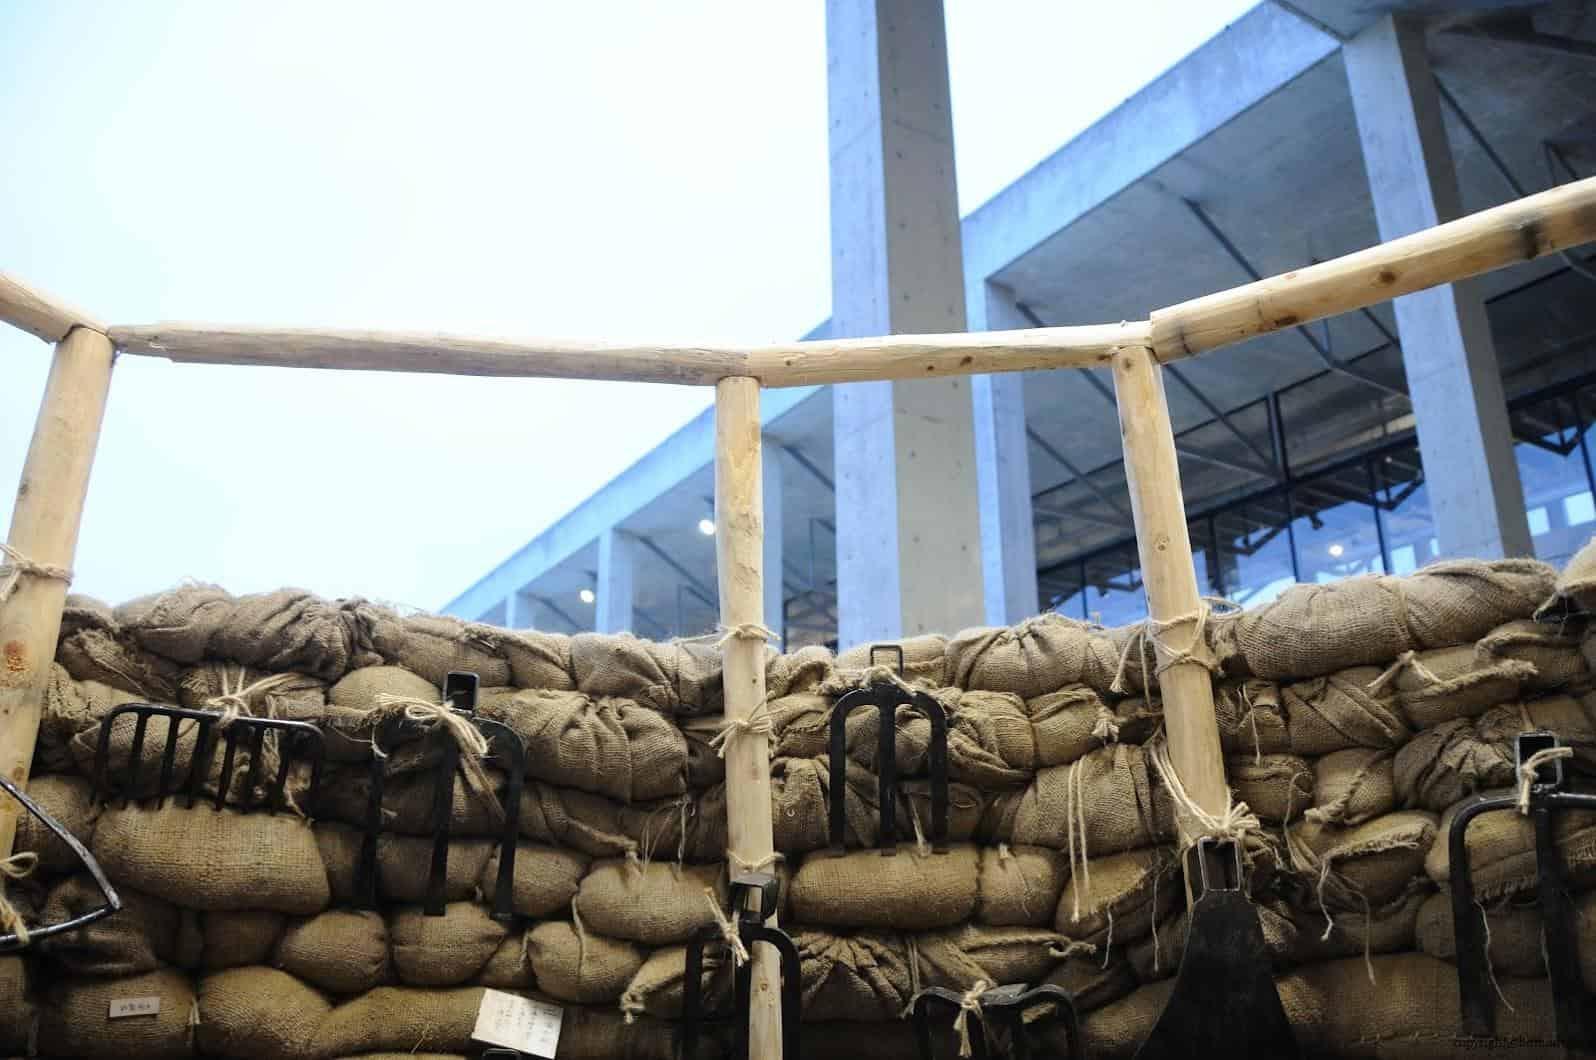 原廣司+ATELIER建築研究所,越後妻有里山現代美術館,2018企劃展「方丈記私記」,千變萬化的方格世界,讓藝術家們在長寬高皆約3公尺的「一方丈」空間裡,打造出他們想像中的世界 越後妻有里山現代美術館 越後妻有里山現代美術館 echigo tsumari kouryukan echigo tsumari exchange center 07